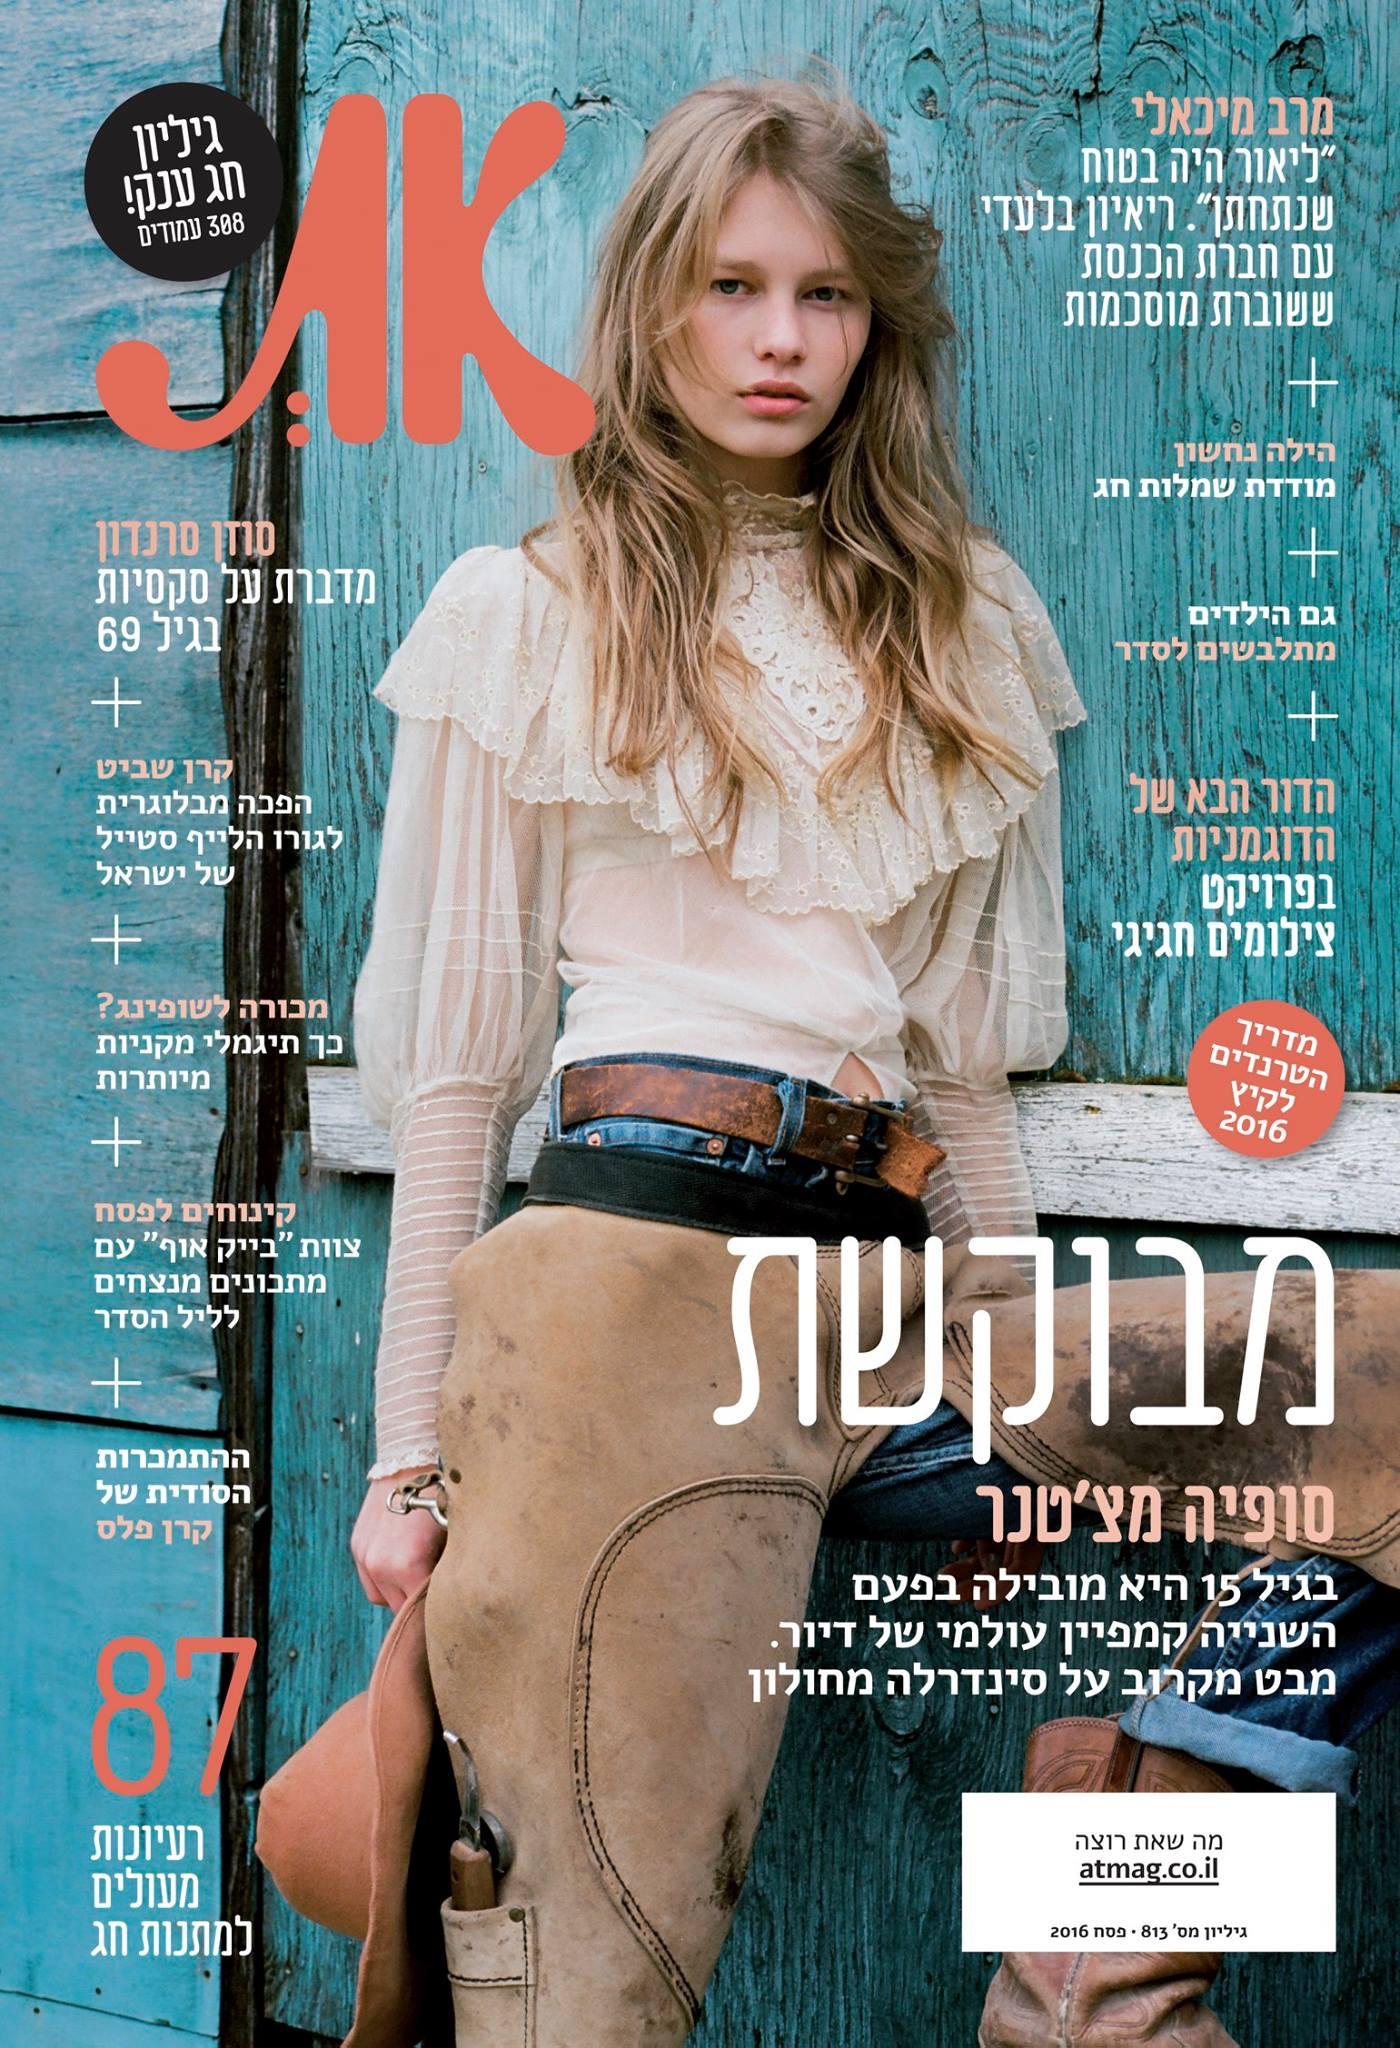 At Israel